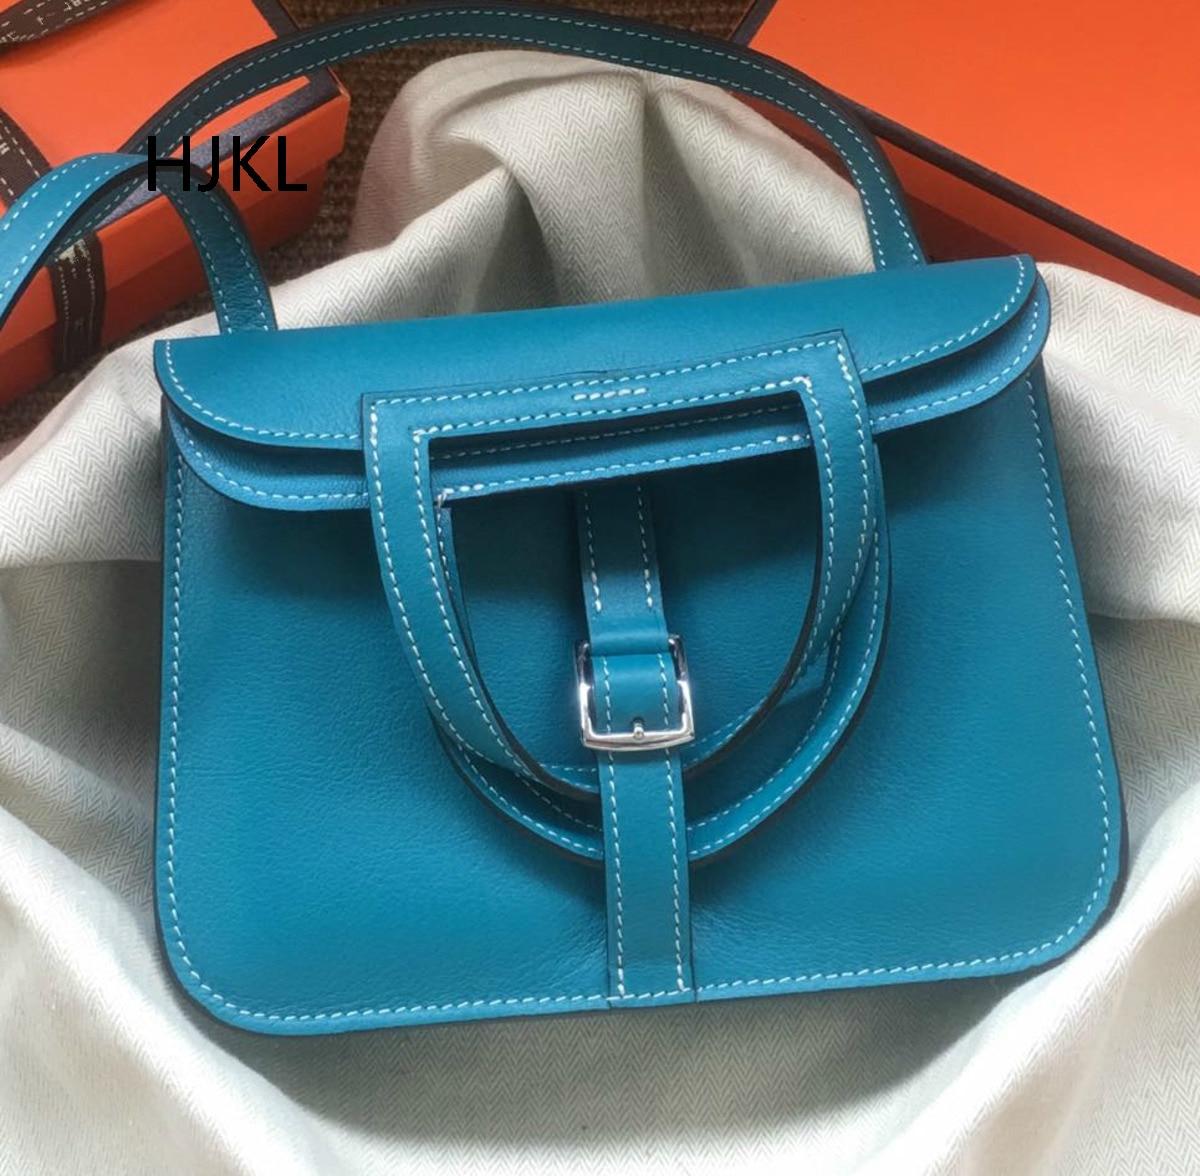 2018 nouveau personnalisé embrayage femmes sac à main en cuir véritable peau de vache marque sacs à main anneau haut de gamme petit sac carré dames sac à bandoulière